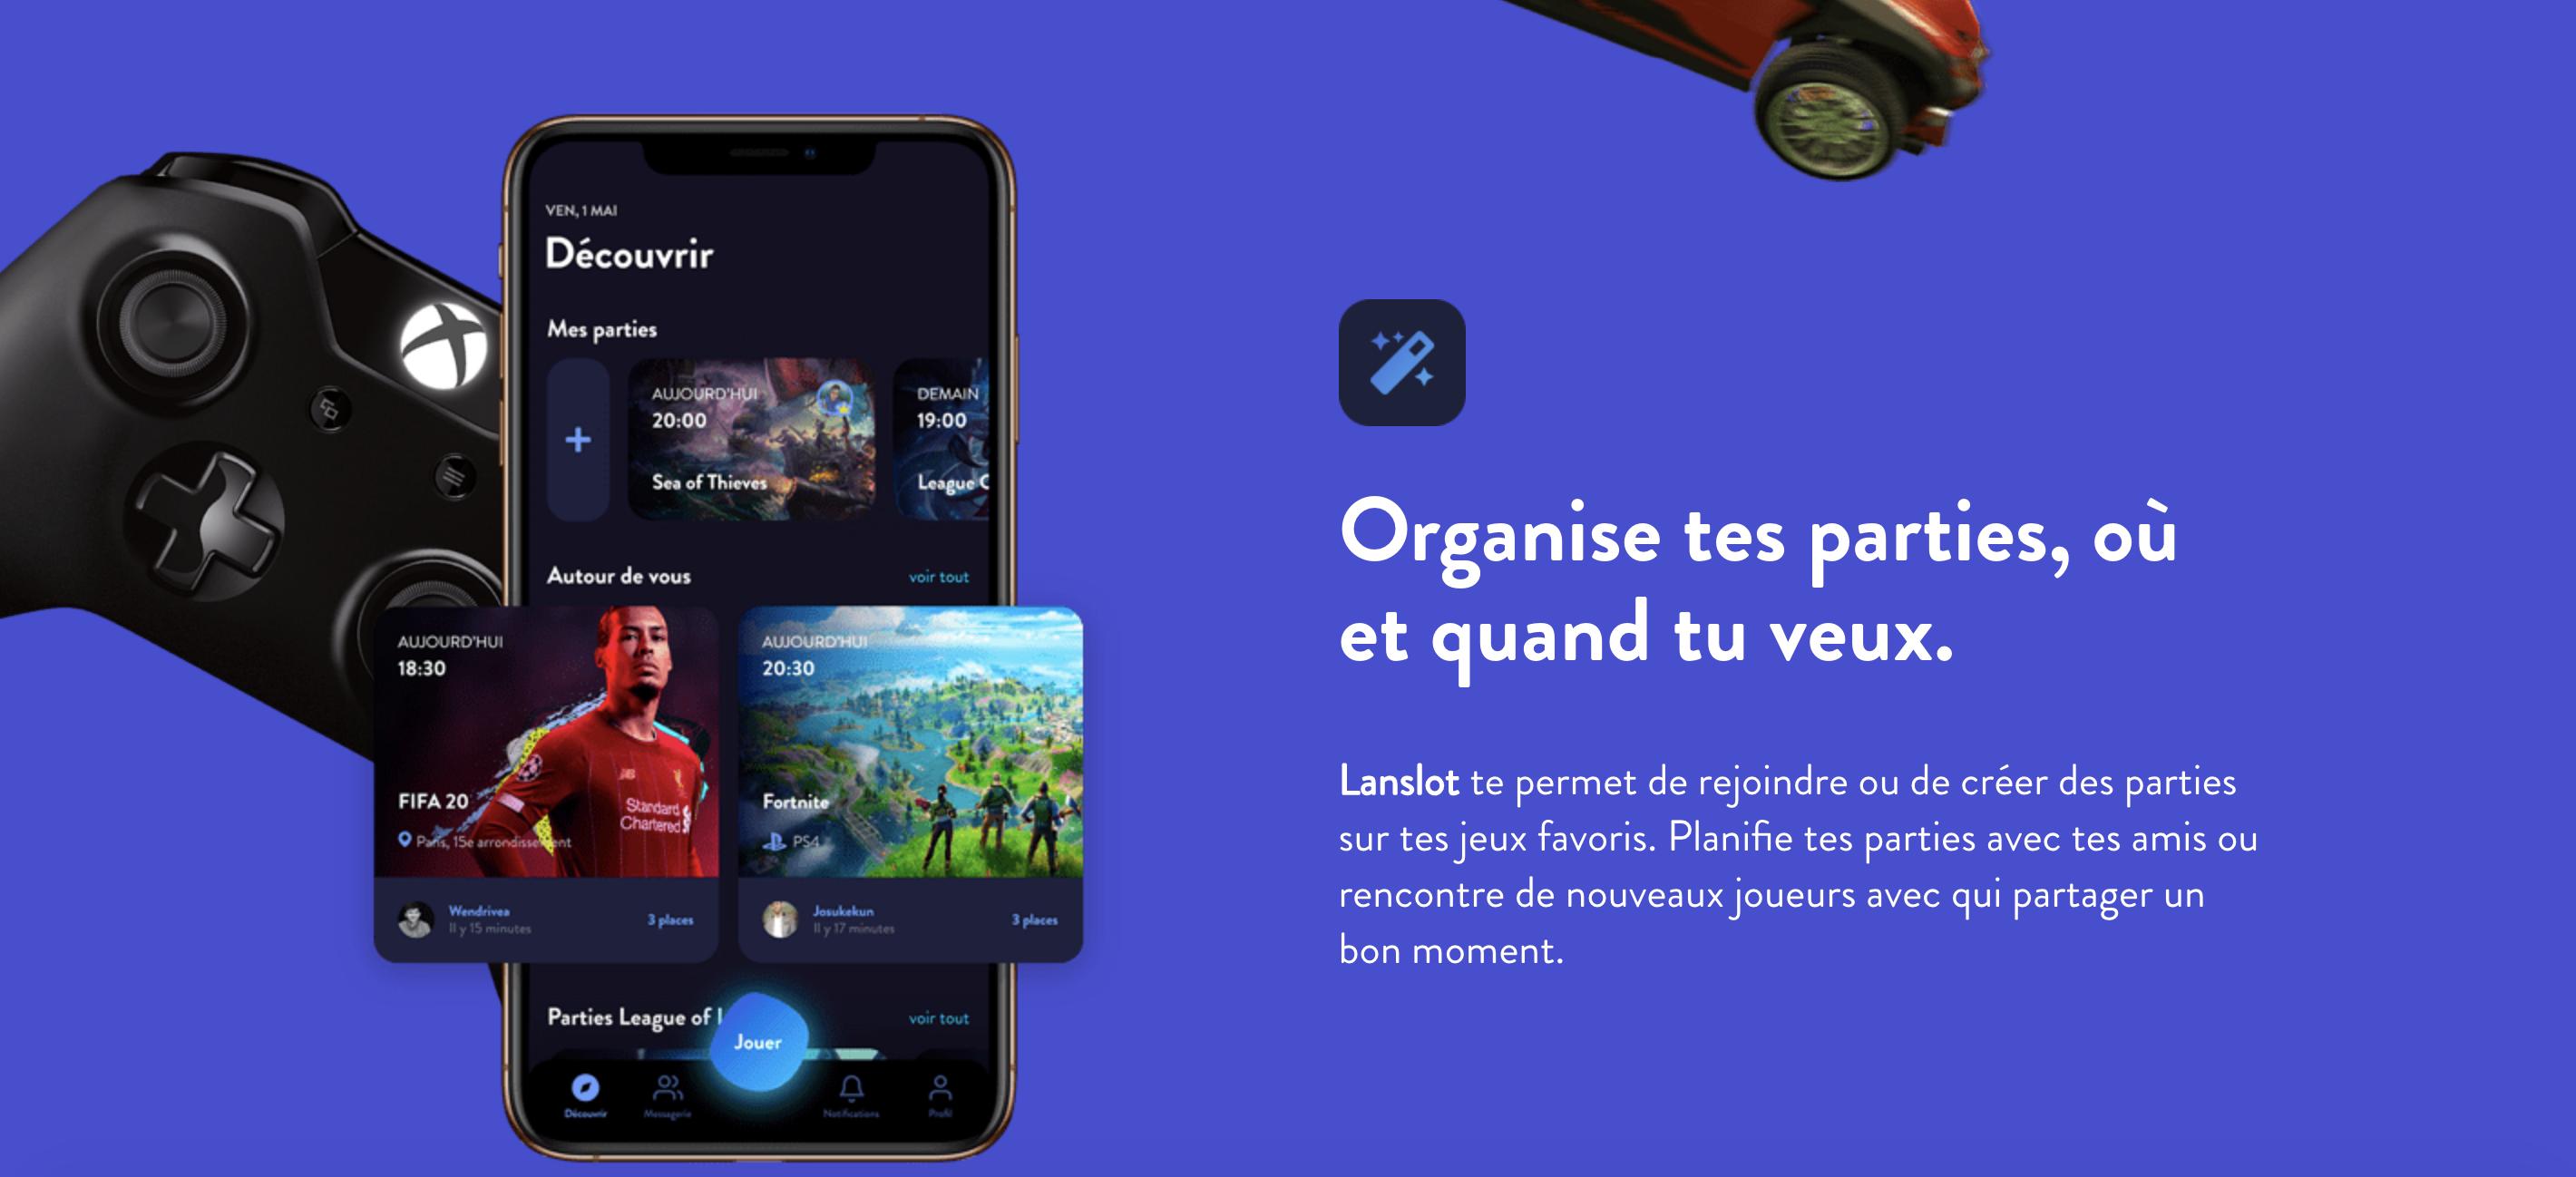 Lansolt App